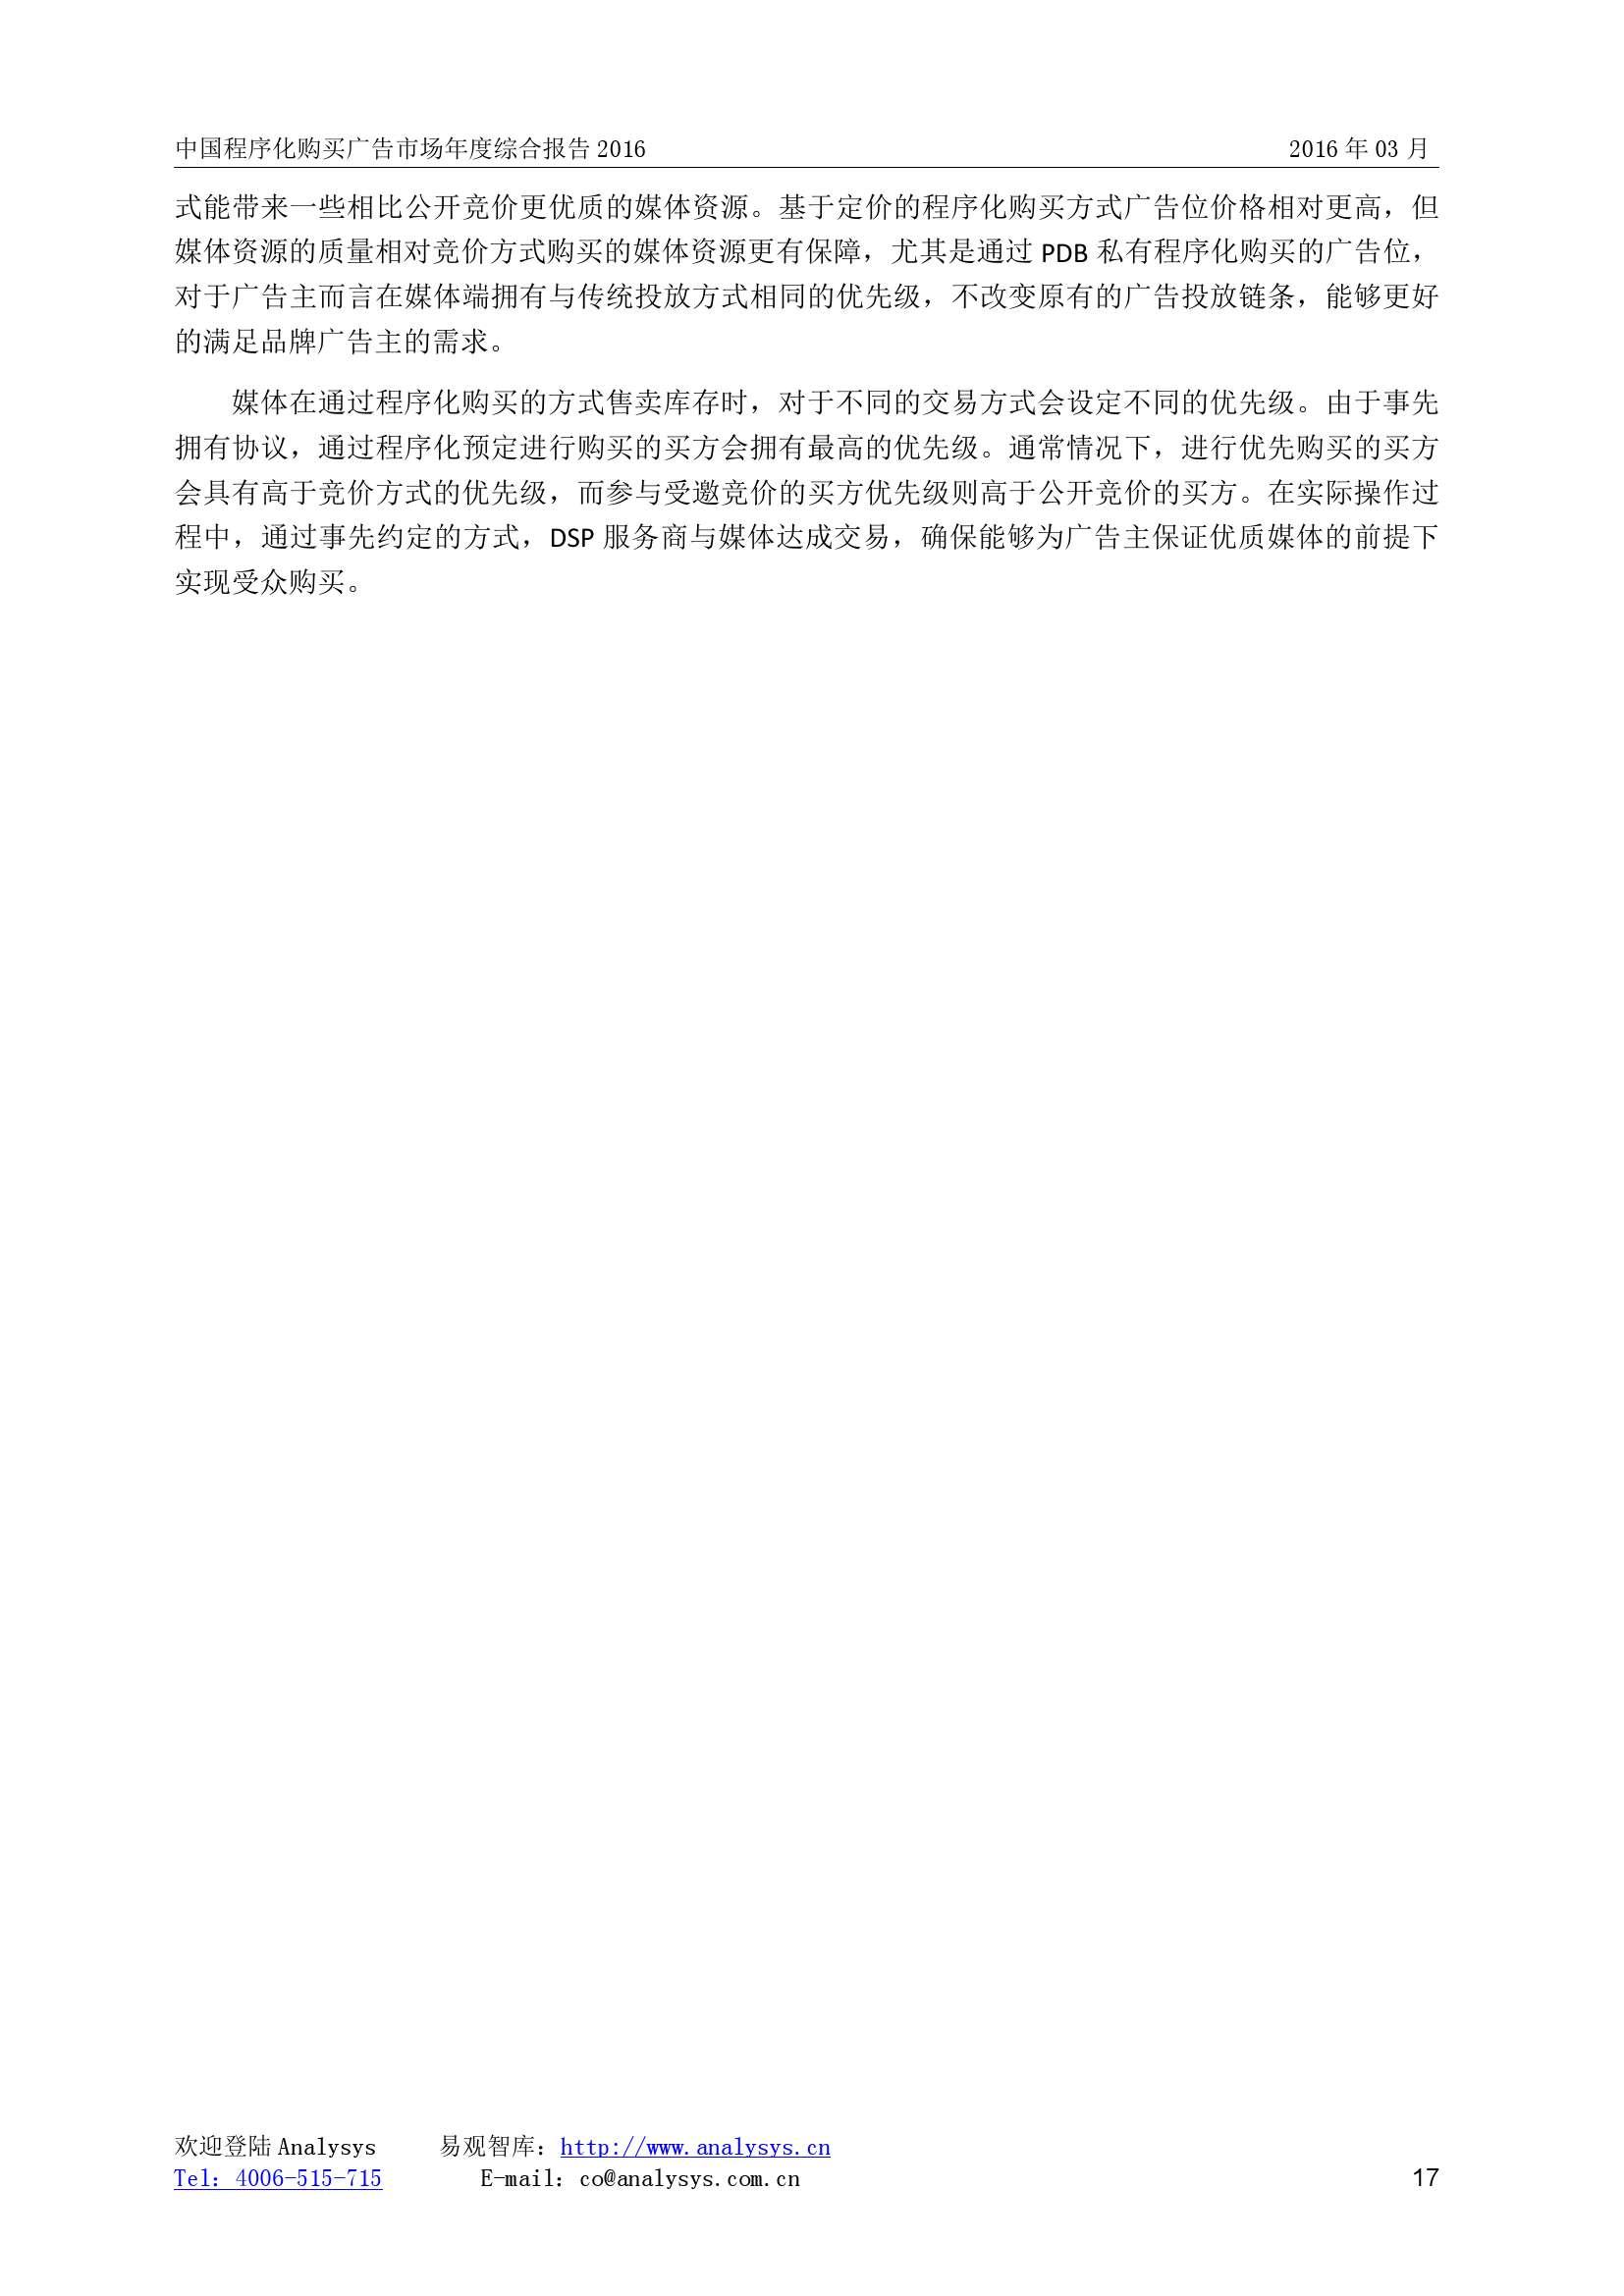 中国程序化购买广告市场年度综合报告2016_000017